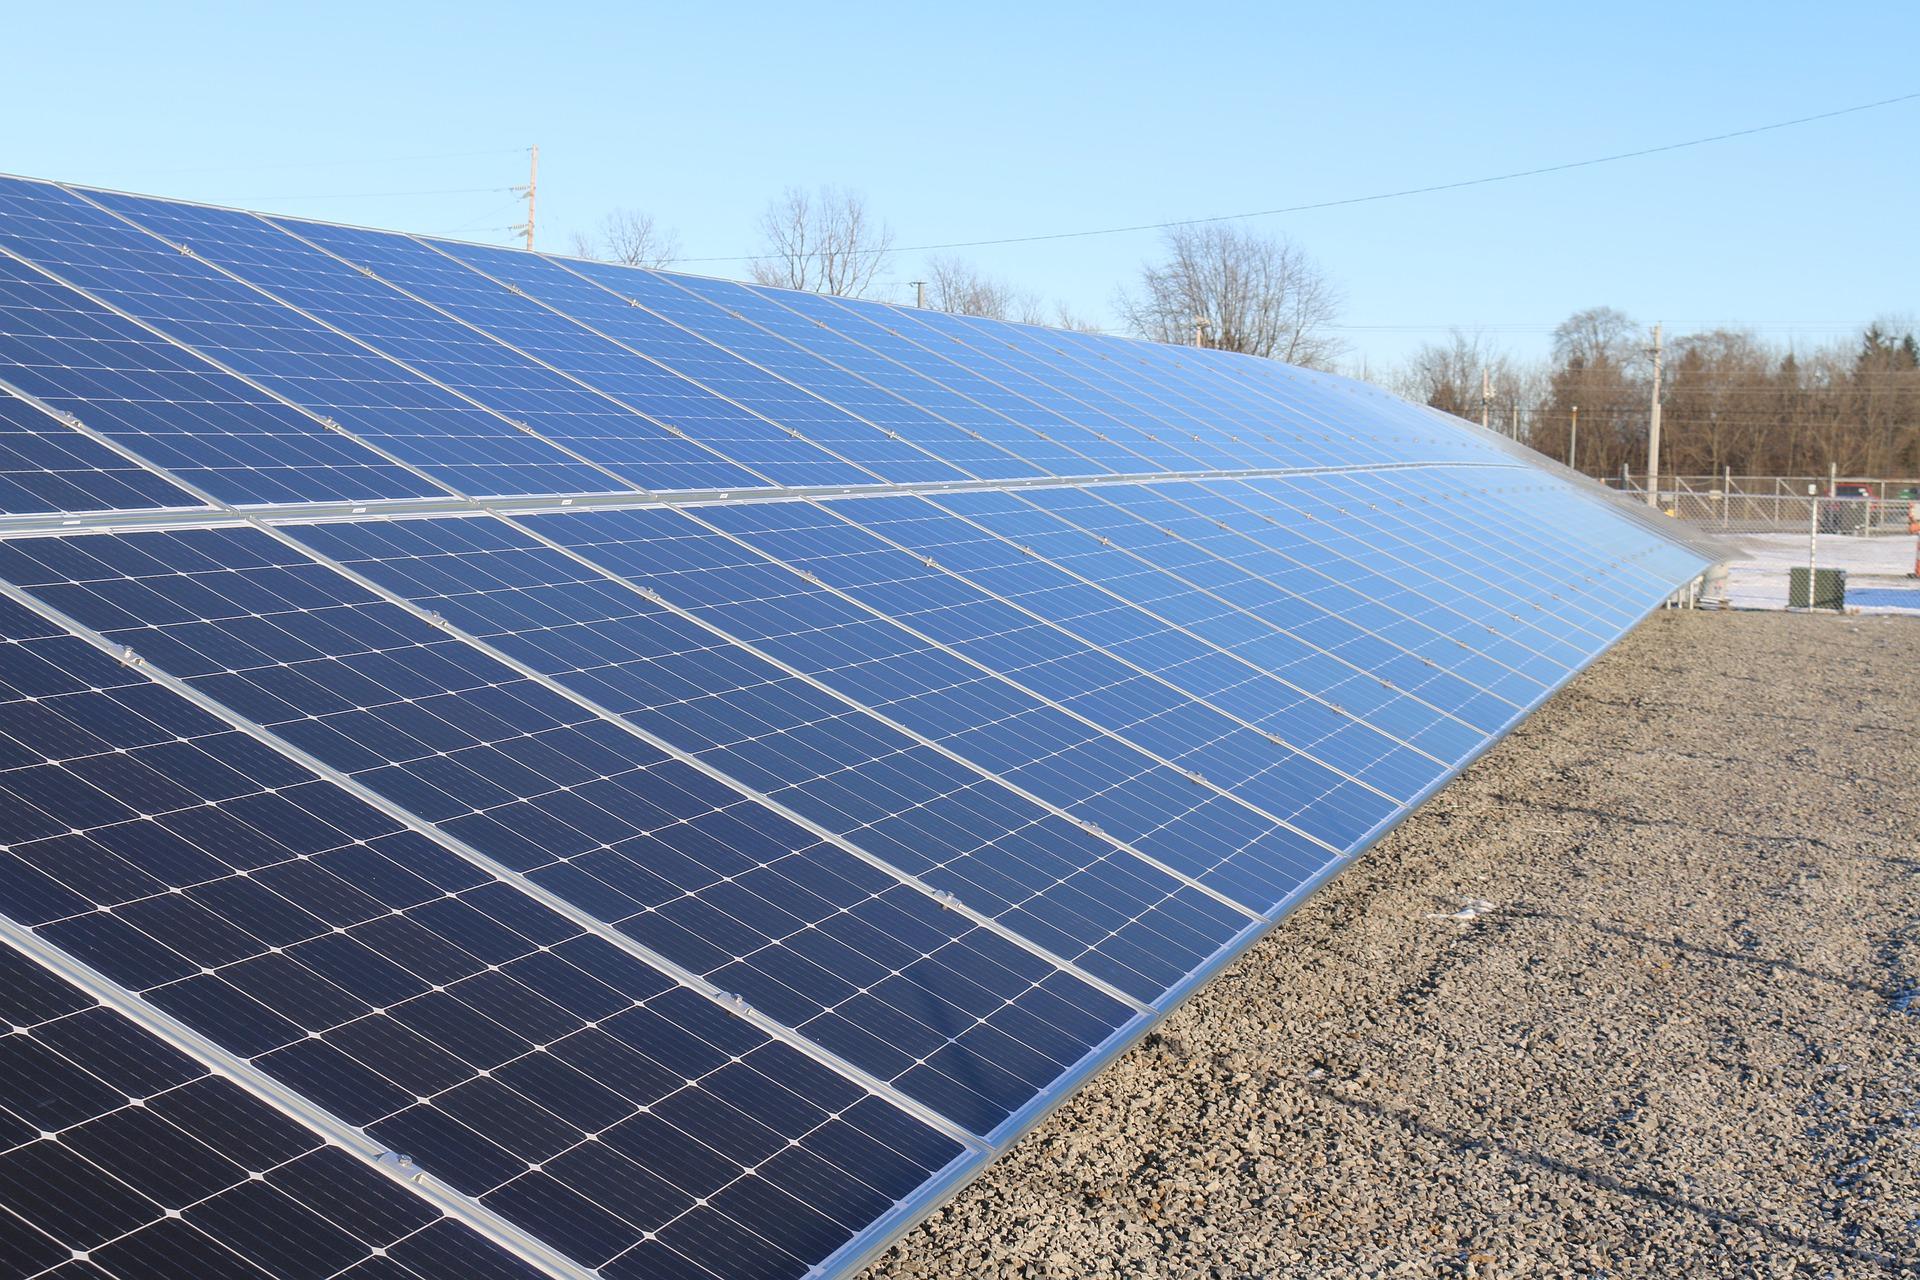 Die Energiewende soll vorangetrieben werden